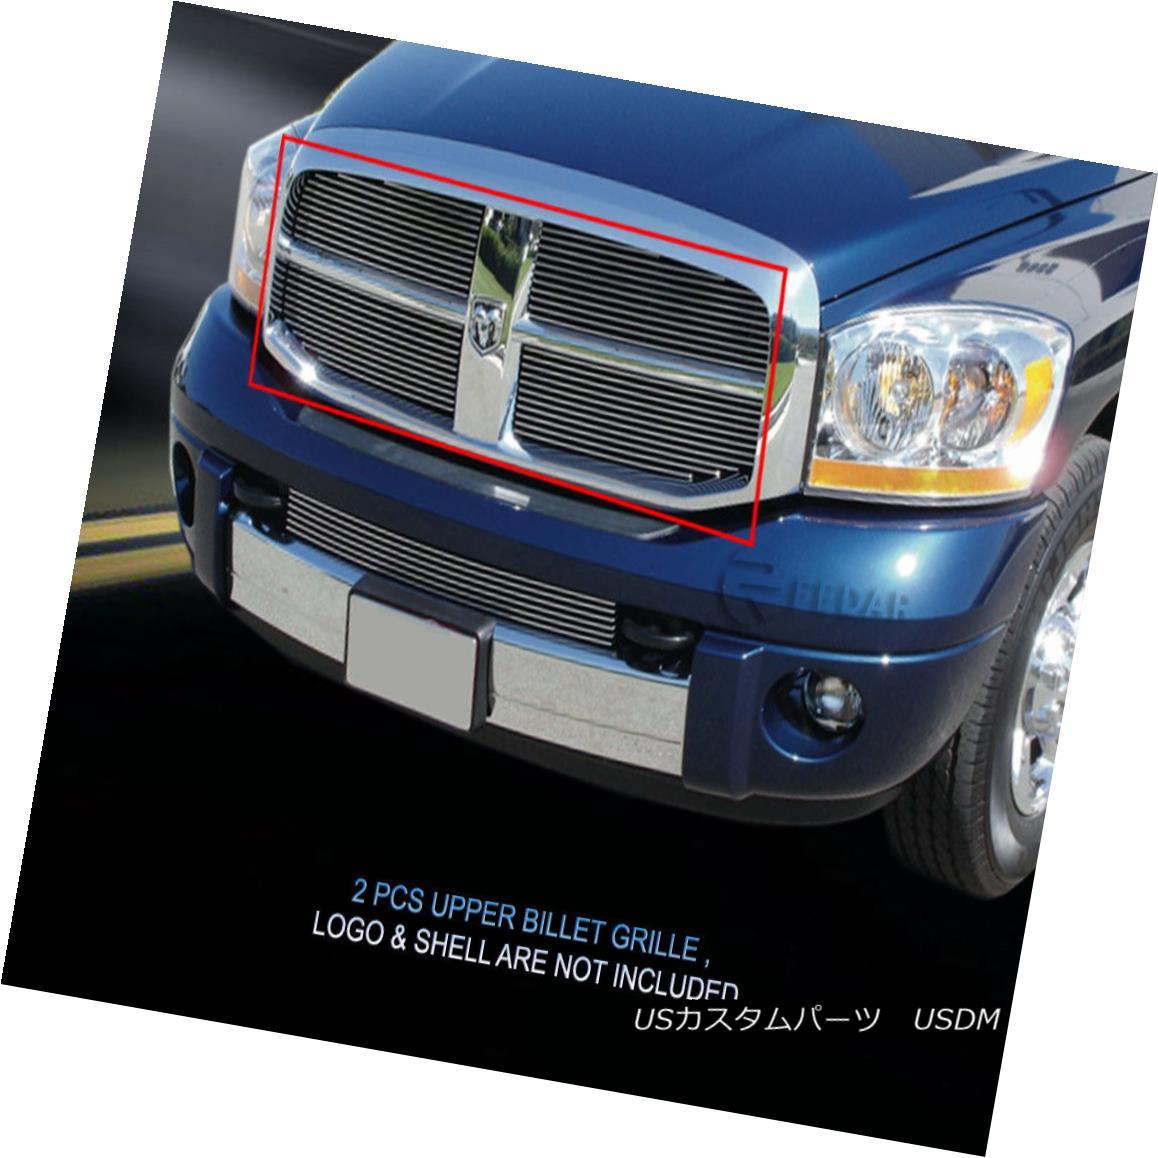 グリル Fedar Fits 2006-2009 Dodge Ram Pick Up Polished Main Upper Billet Grille Fedarは2006-2009年のドッジ・ラムにフィットします。研磨されたメイン・アッパー・ビレット・グリル